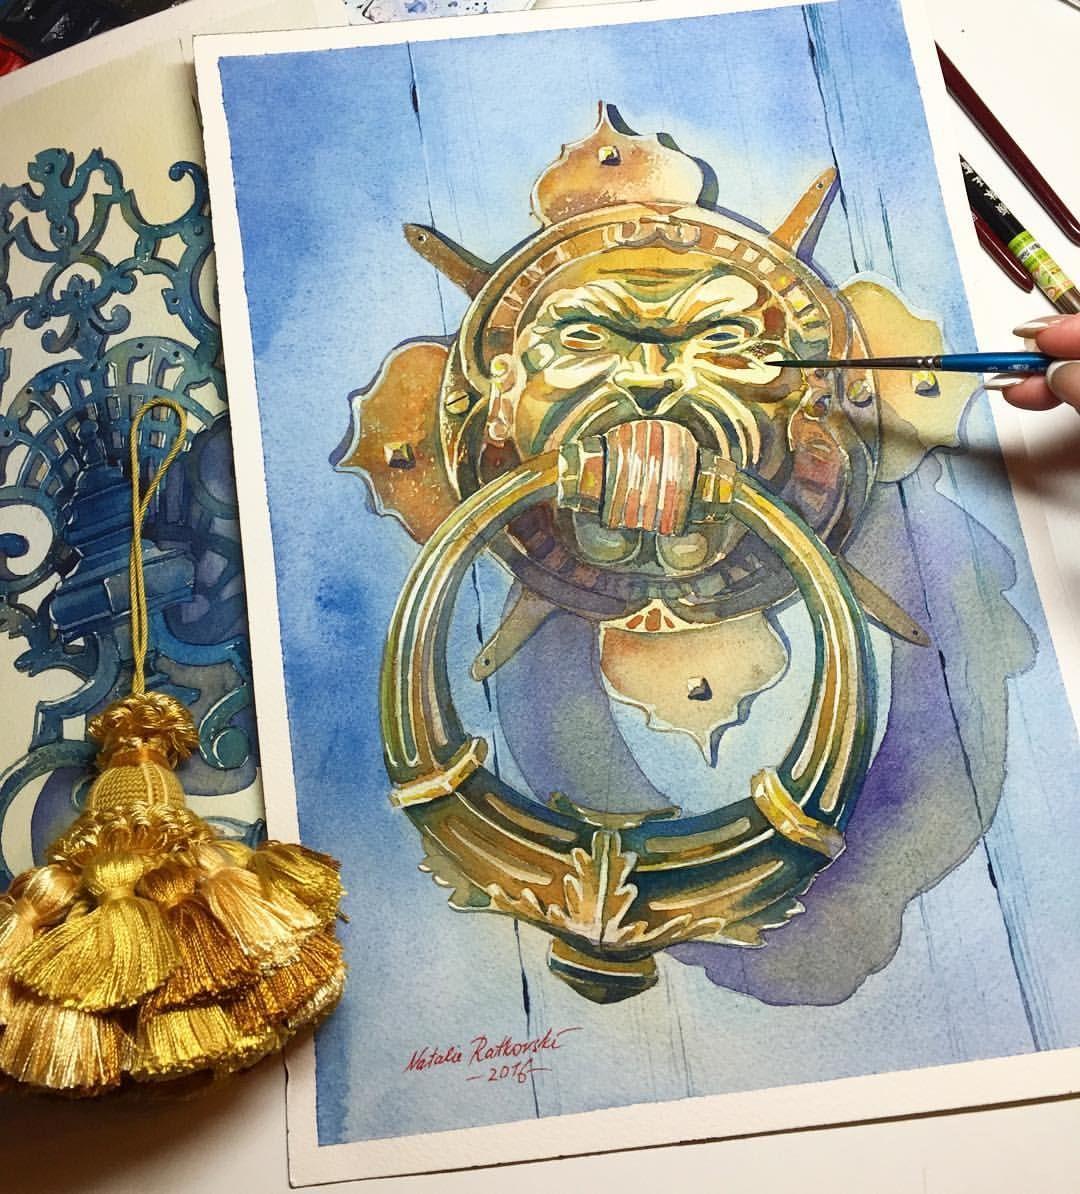 Artist natalie ratkovski door knocker in florence watercolor on